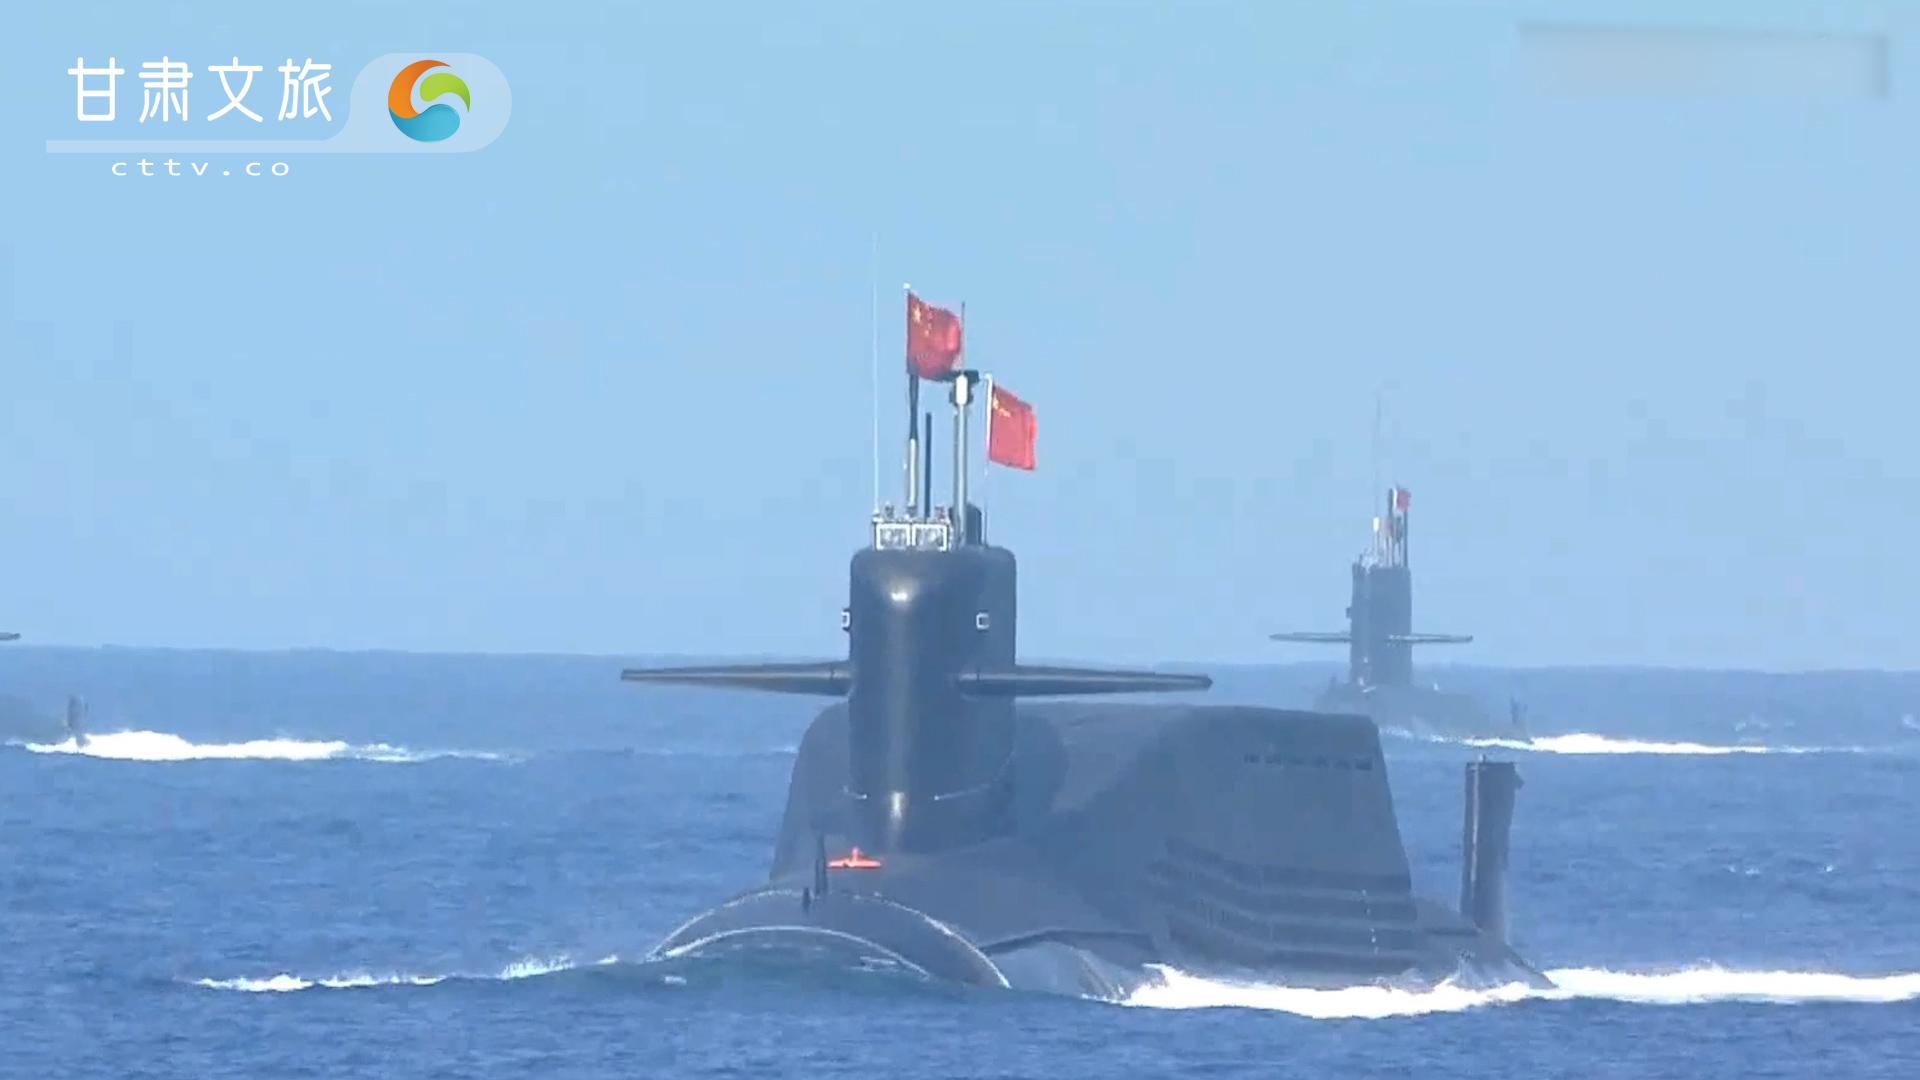 中美俄三国核潜艇水下航行速度盘点